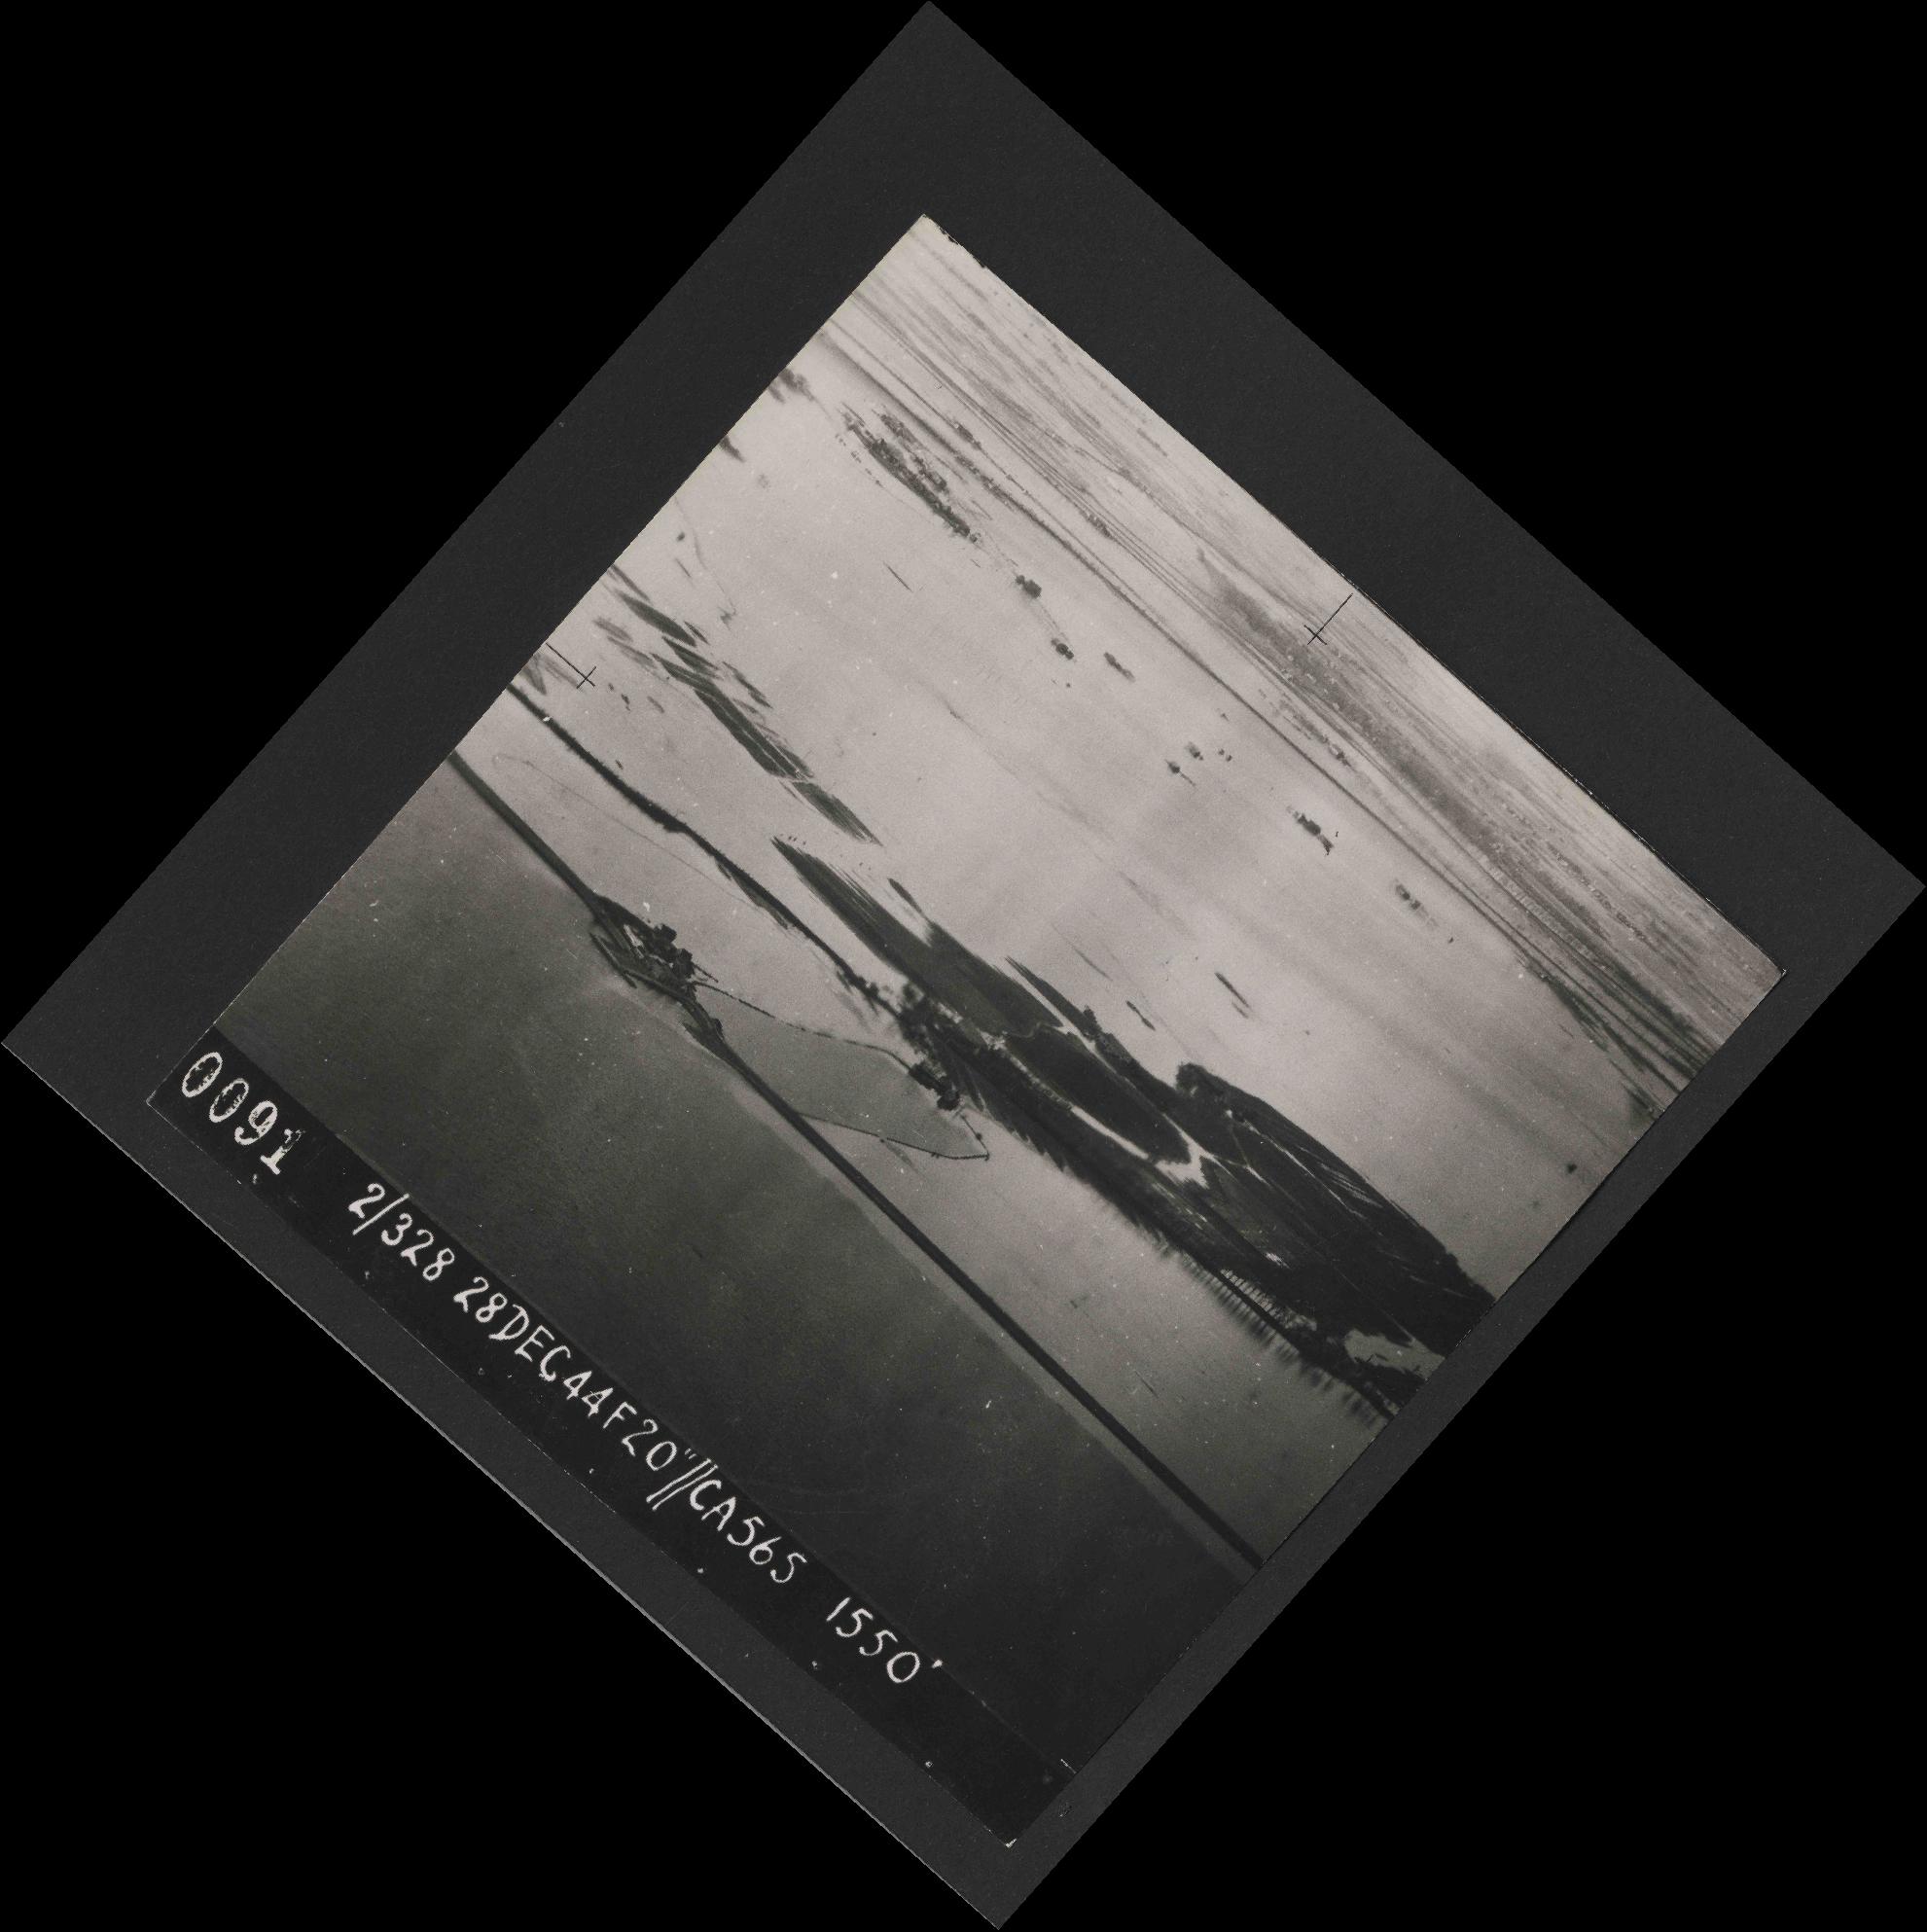 Collection RAF aerial photos 1940-1945 - flight 556, run 01, photo 0091